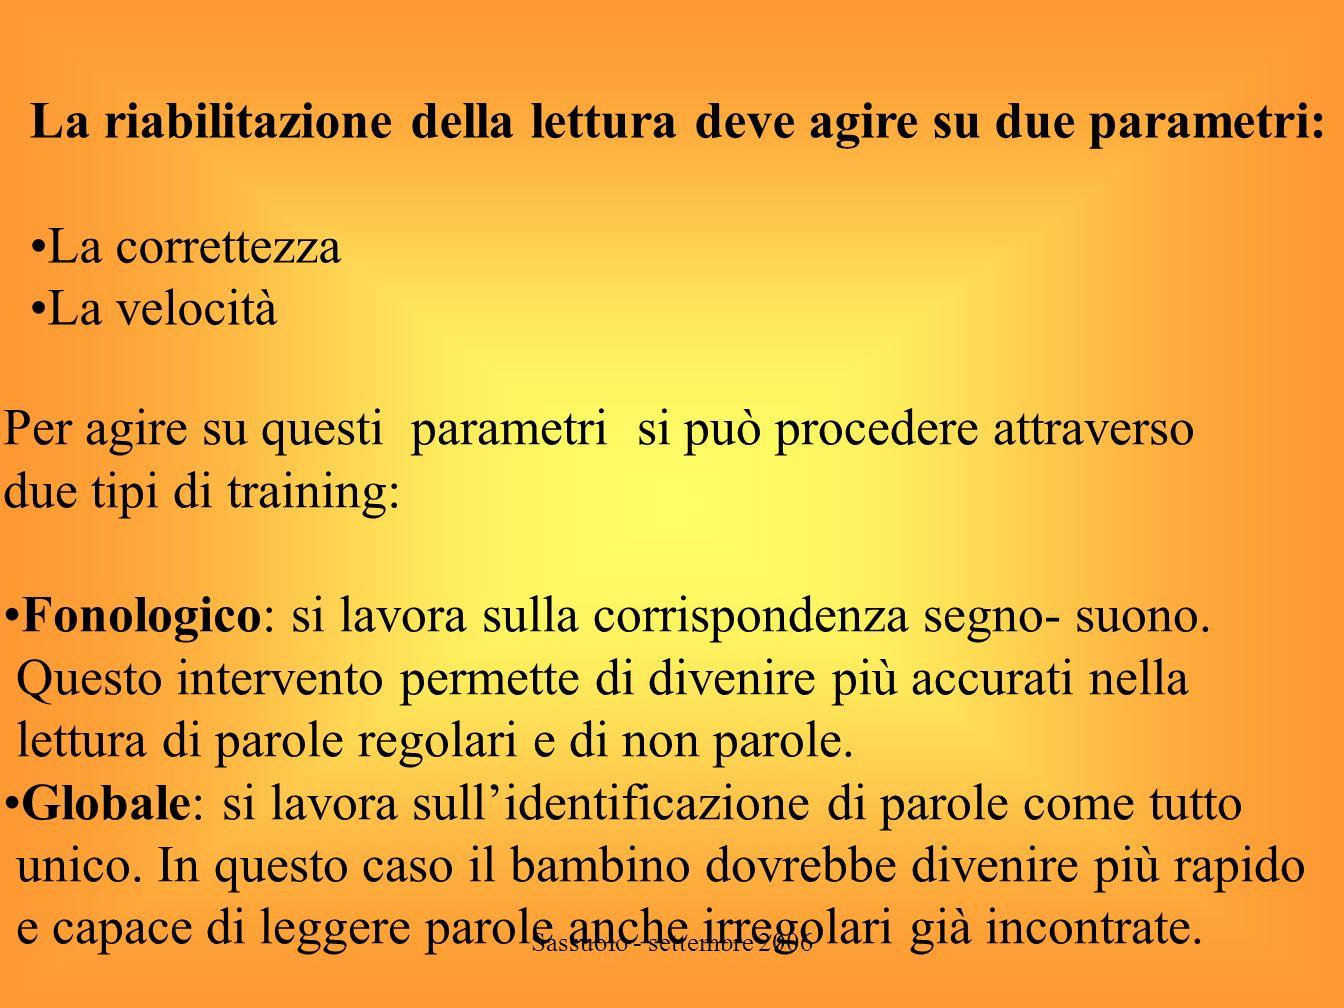 Sassuolo - settembre 2006 Lettura - il lettore scorretto - Lavoro sulla tipologia degli errori ( errori di suono, di recupero dei di/ trigrammi ecc.).